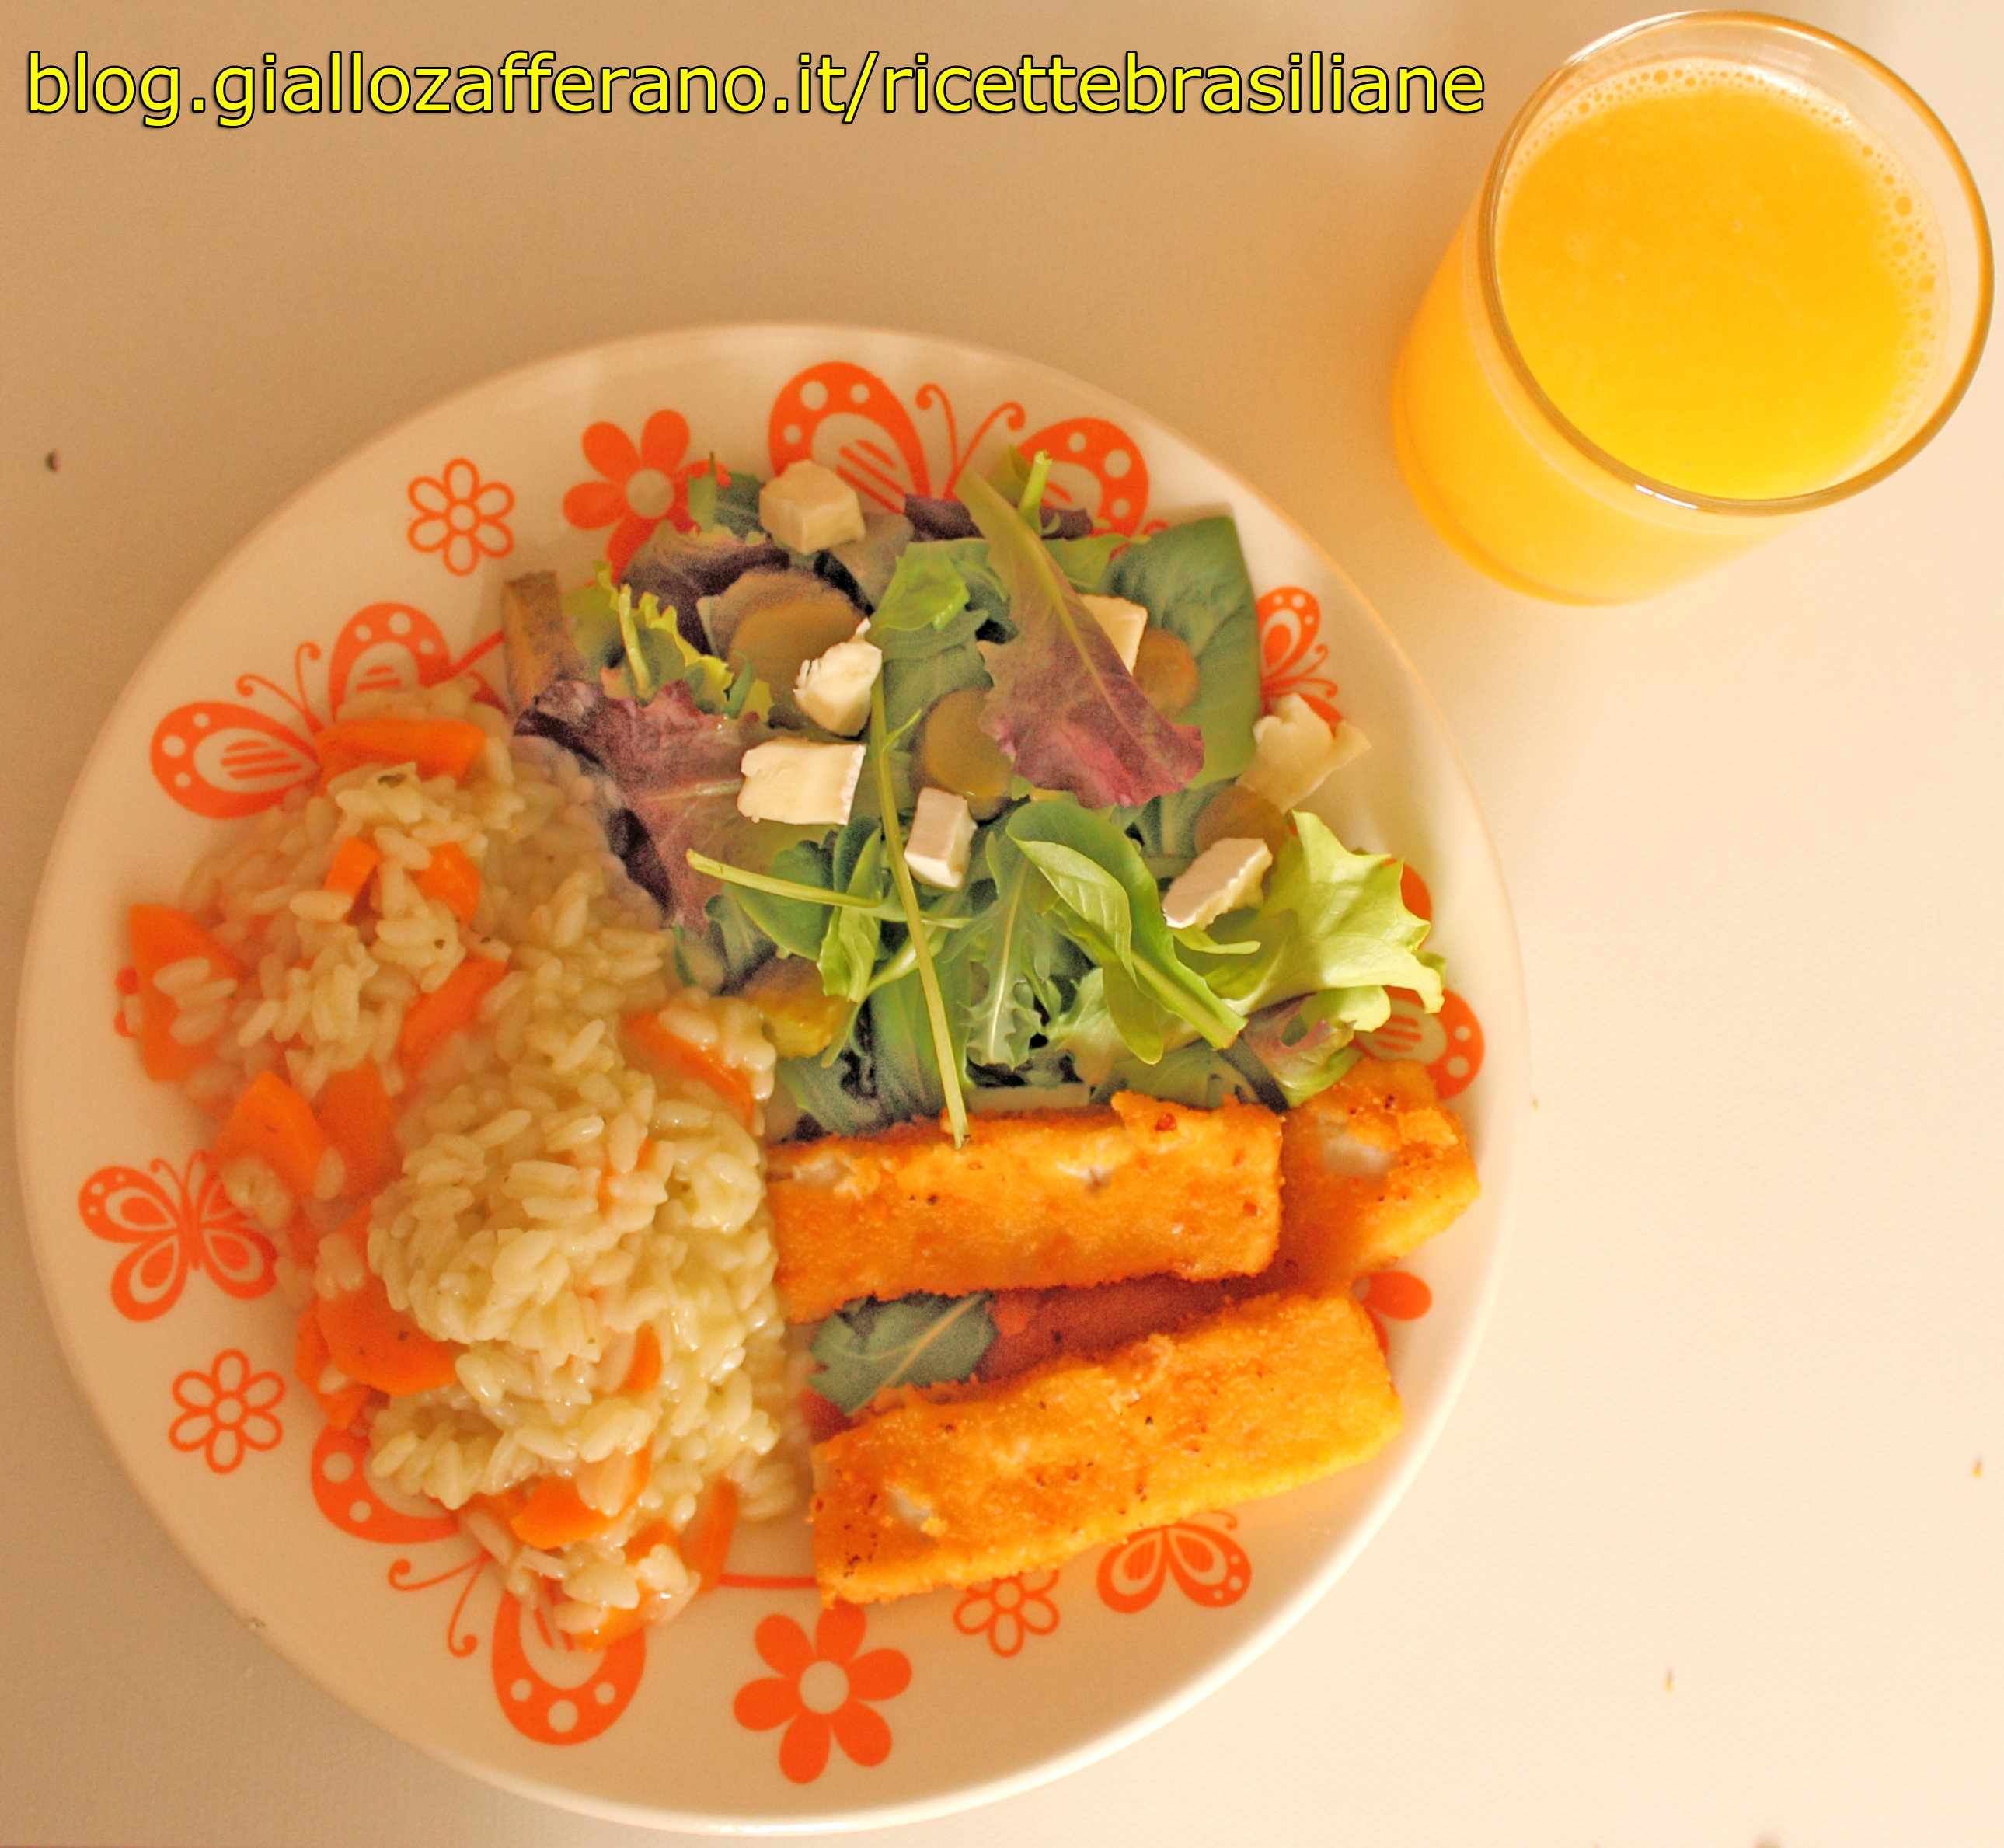 Risotto al pesto, carote e aglio